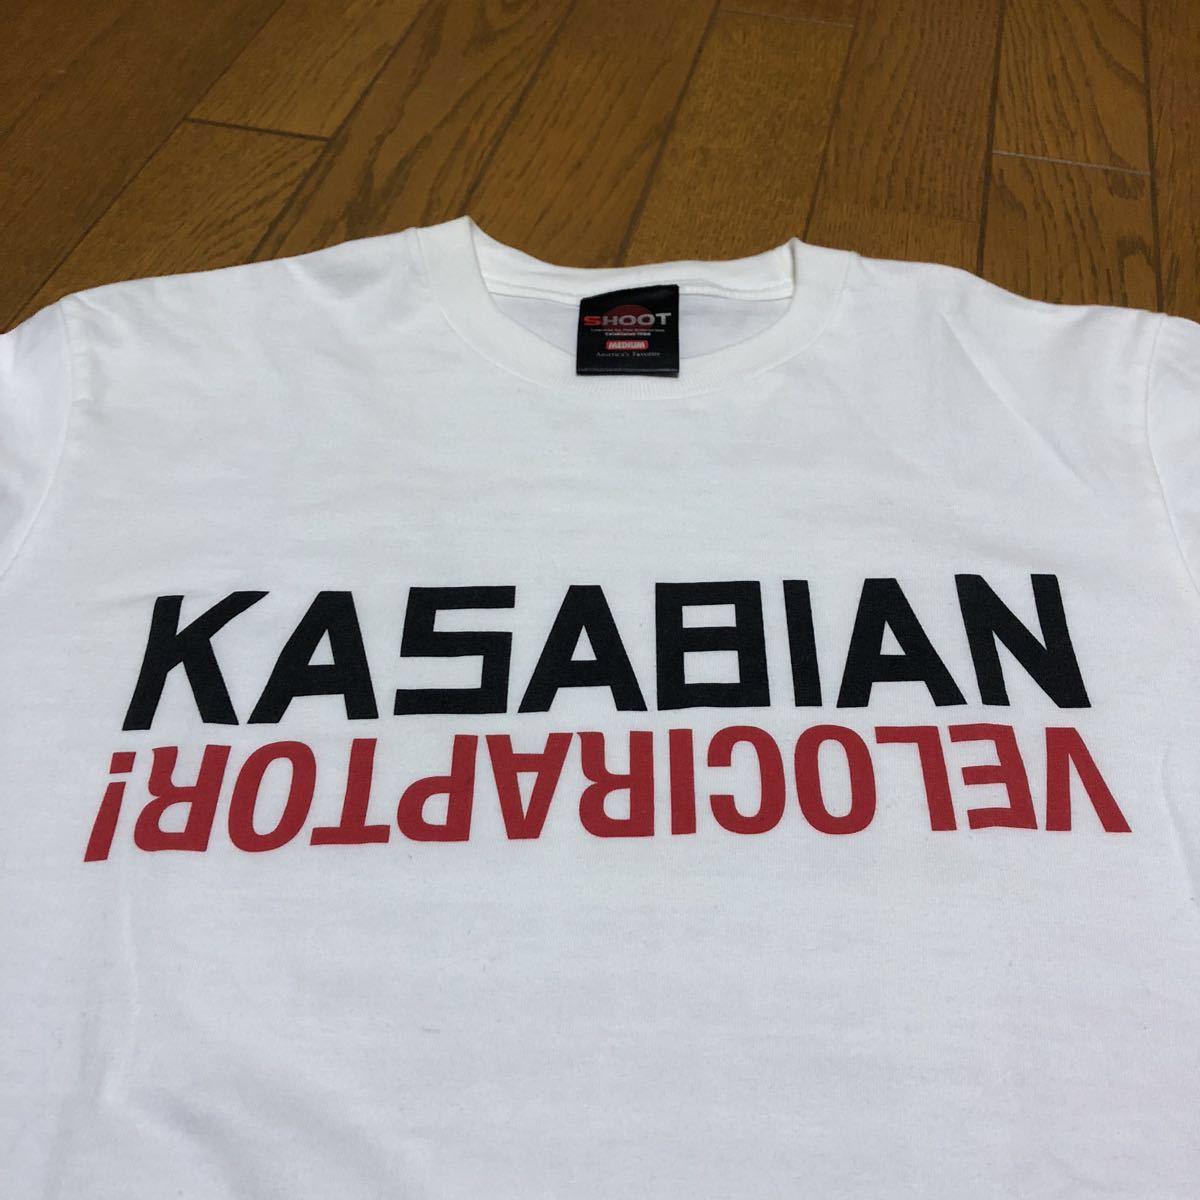 2012年 カサビアン kasabian ツアー tシャツ / the libertines the strokes the view oasis Radiohead blur _画像4